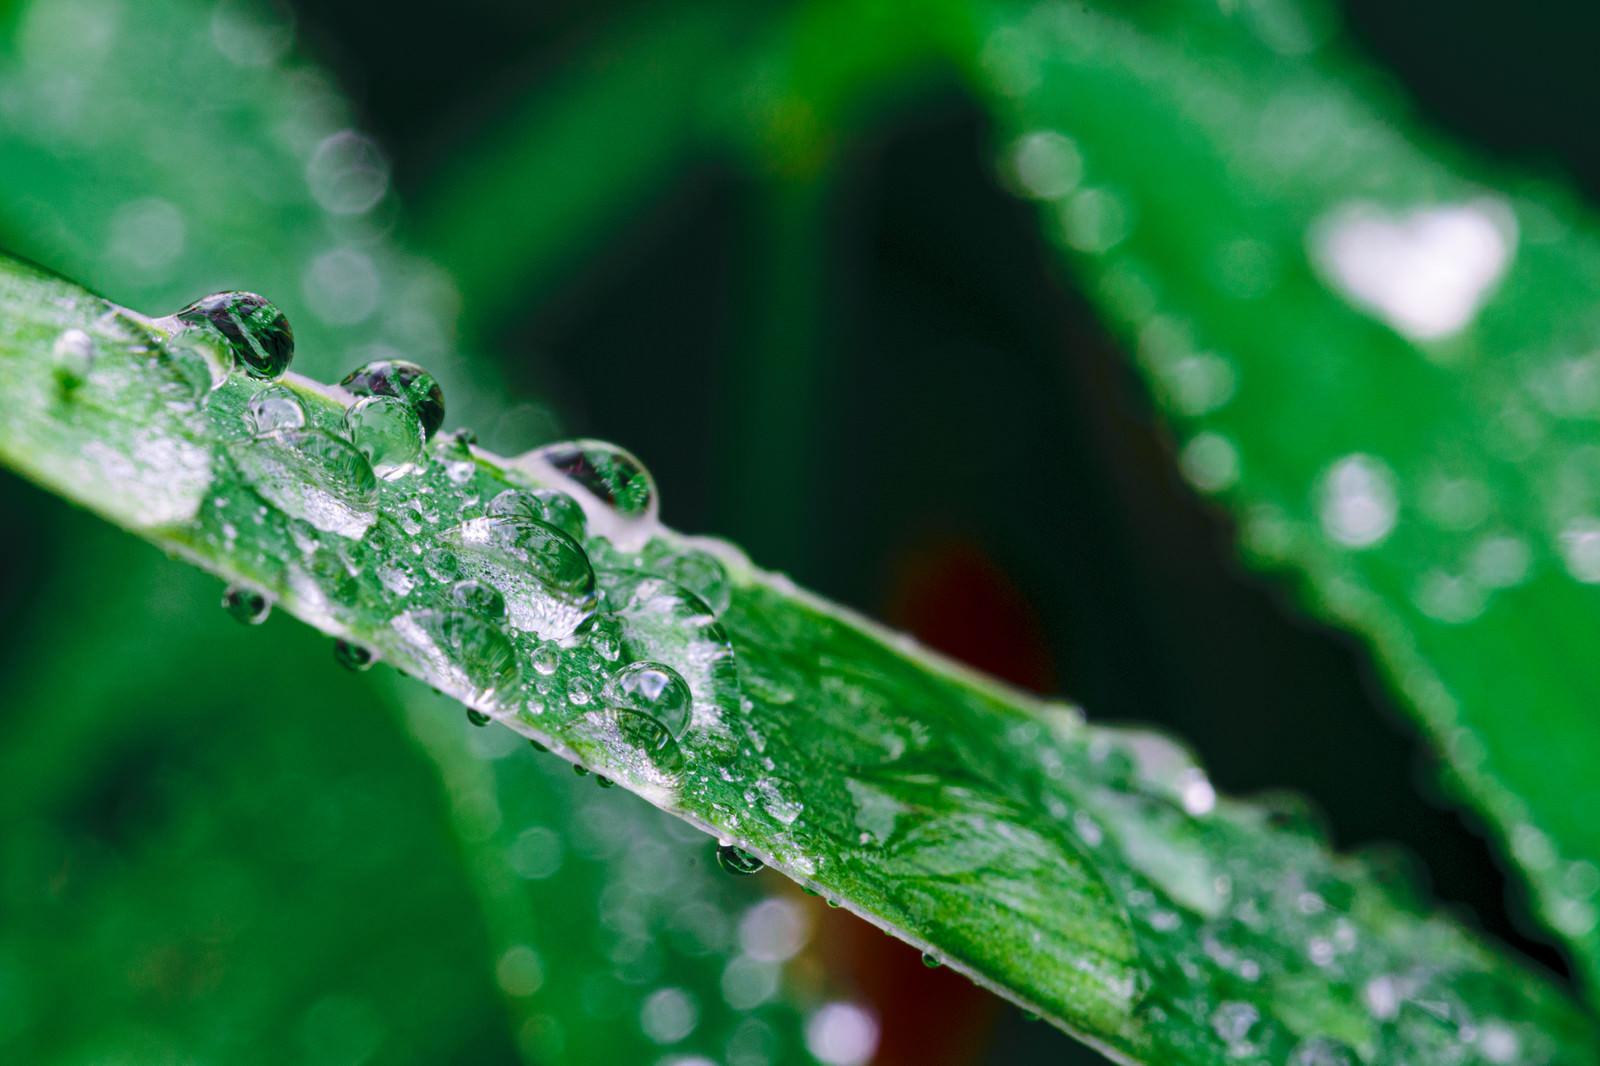 「草の上から流れ落ちない根性ある水滴」の写真